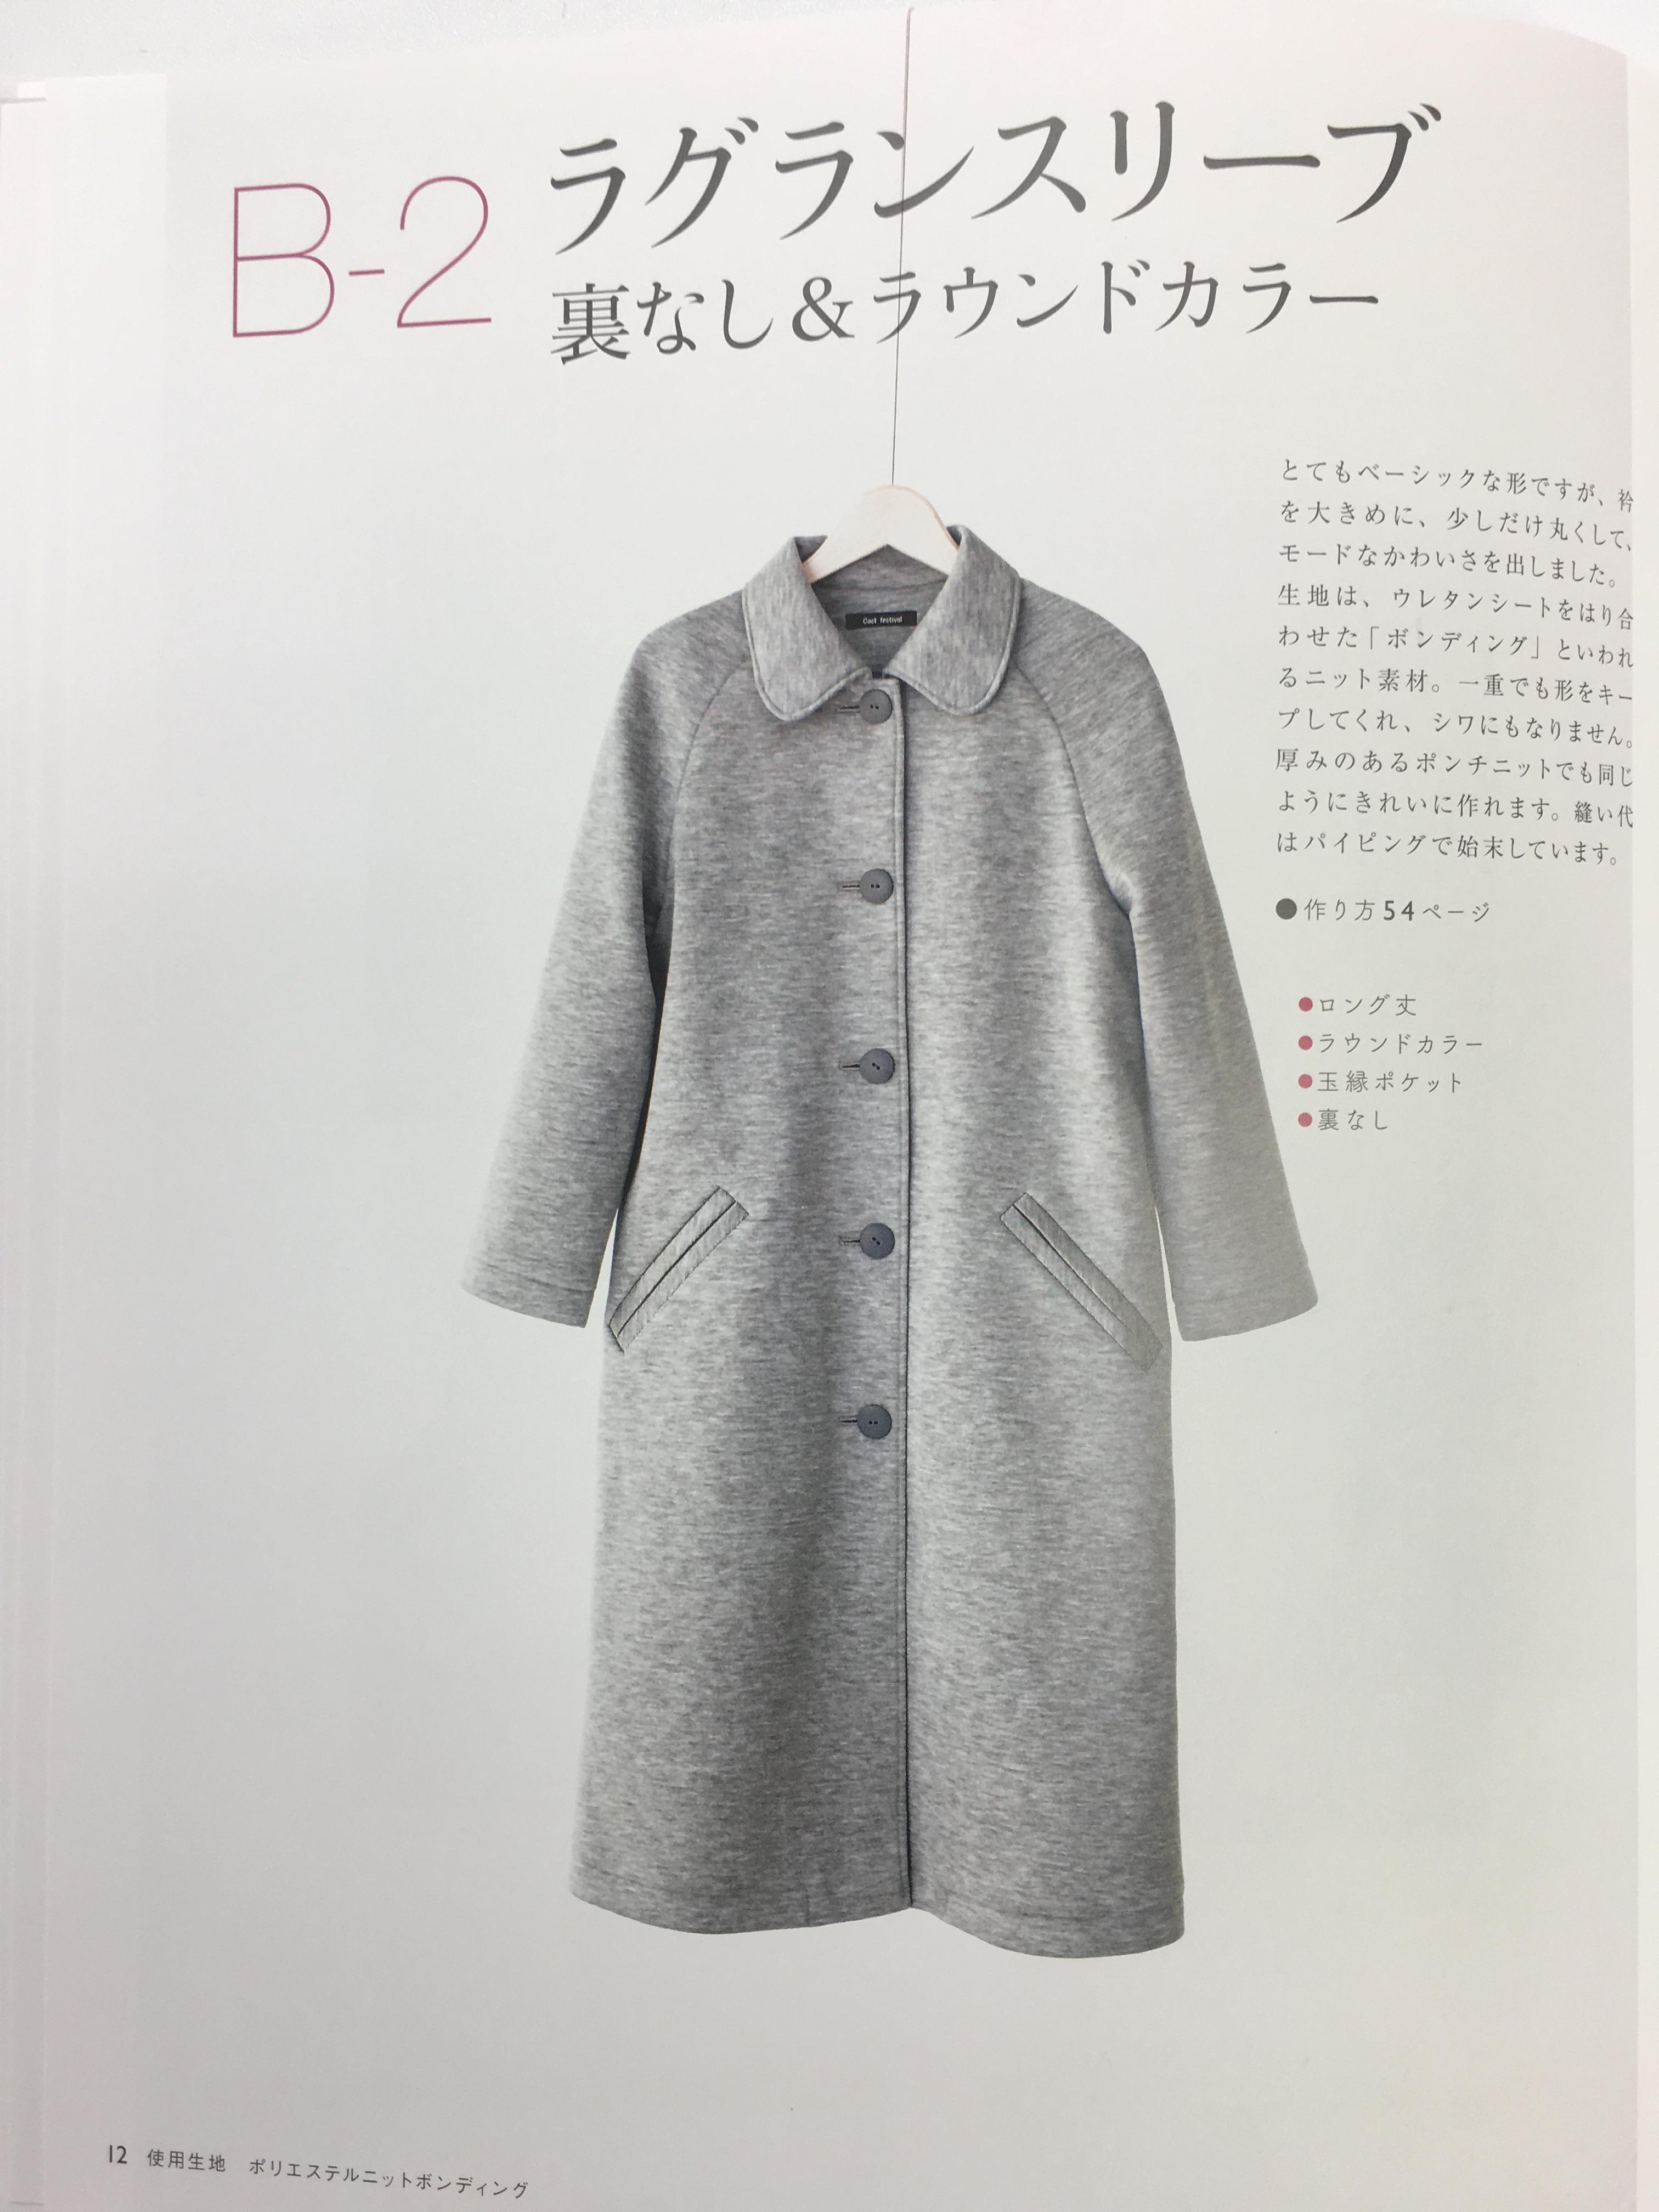 コートを縫おう。 B-2の型紙